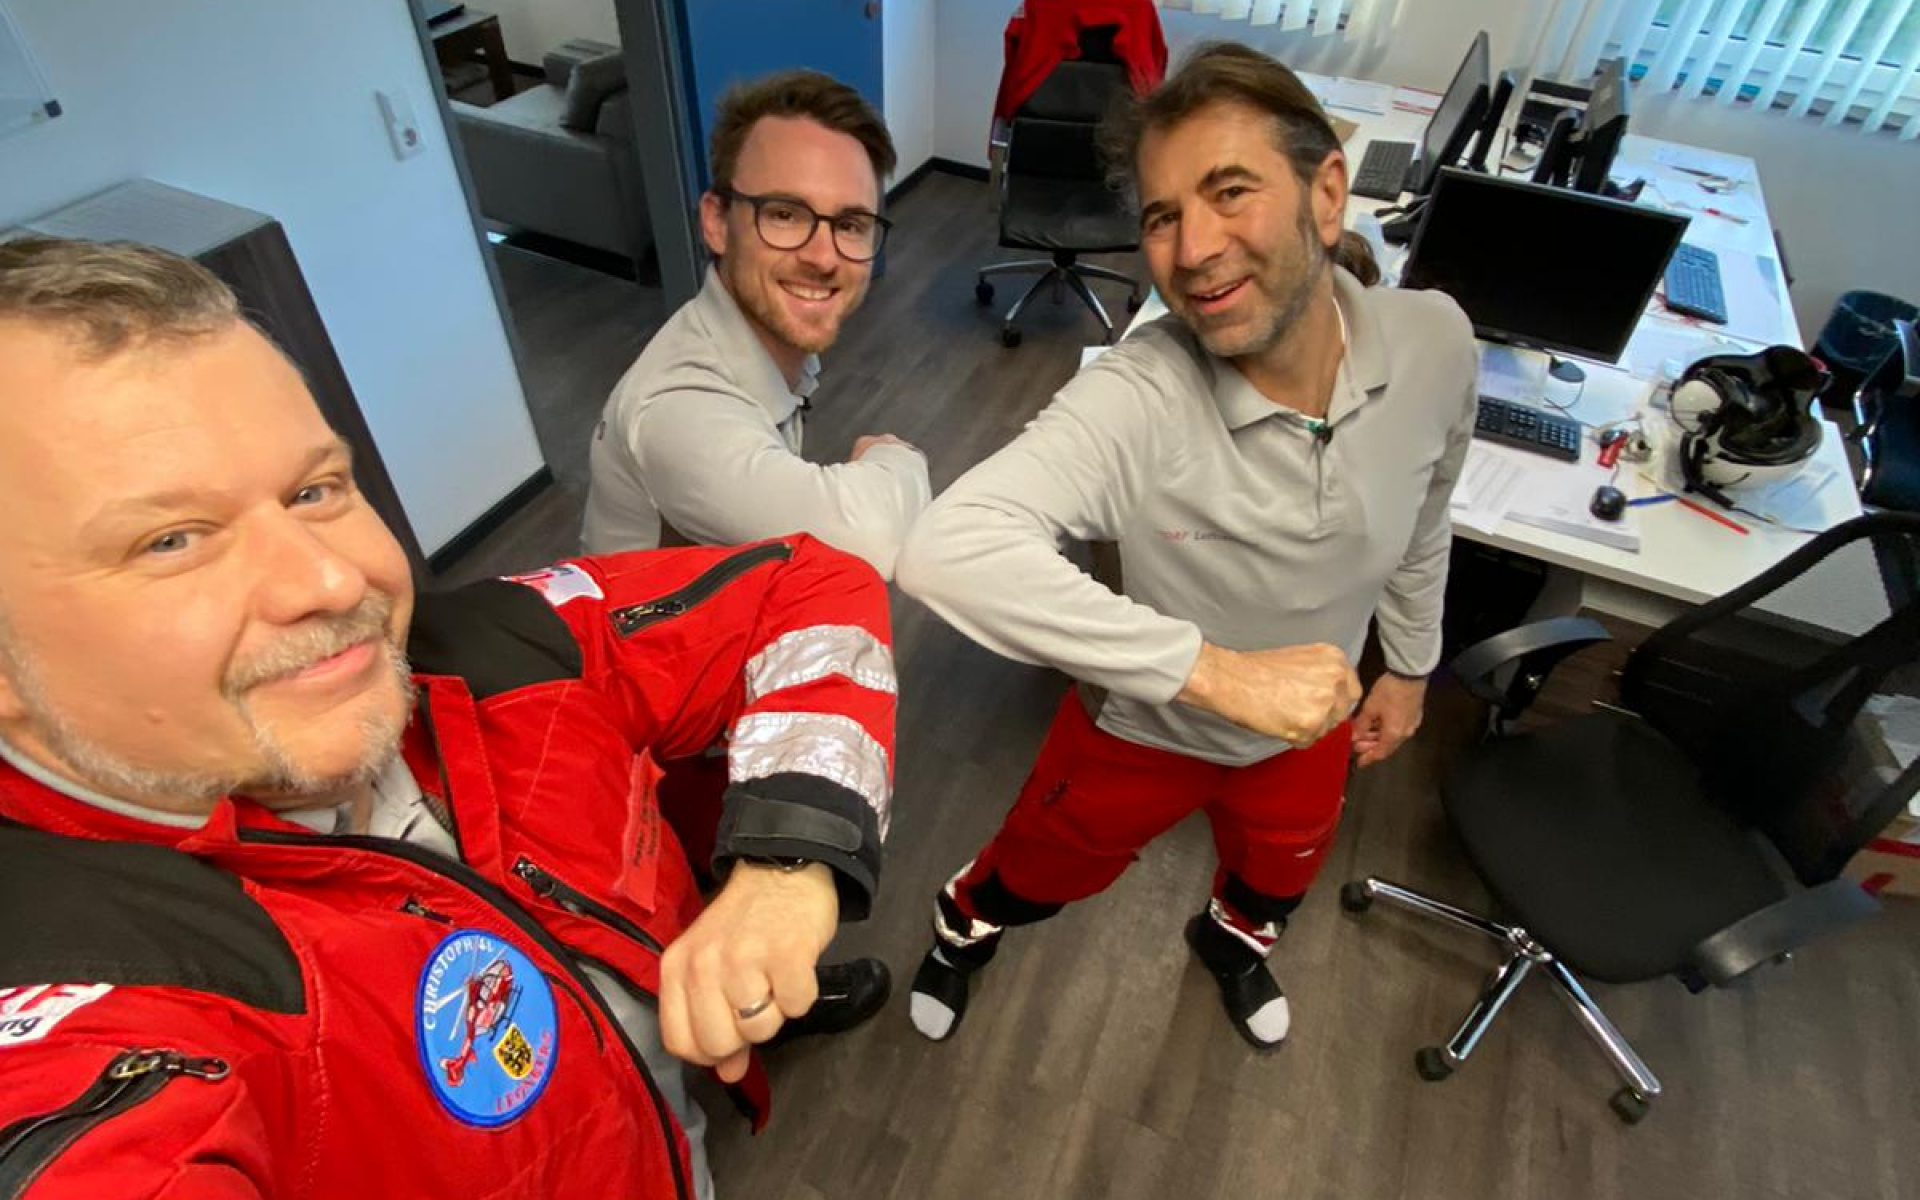 Das Team in Leonberg: Notarzt Peter (links), Pilot Rouven (Mitte) und Notfallsanitäter Arndt.